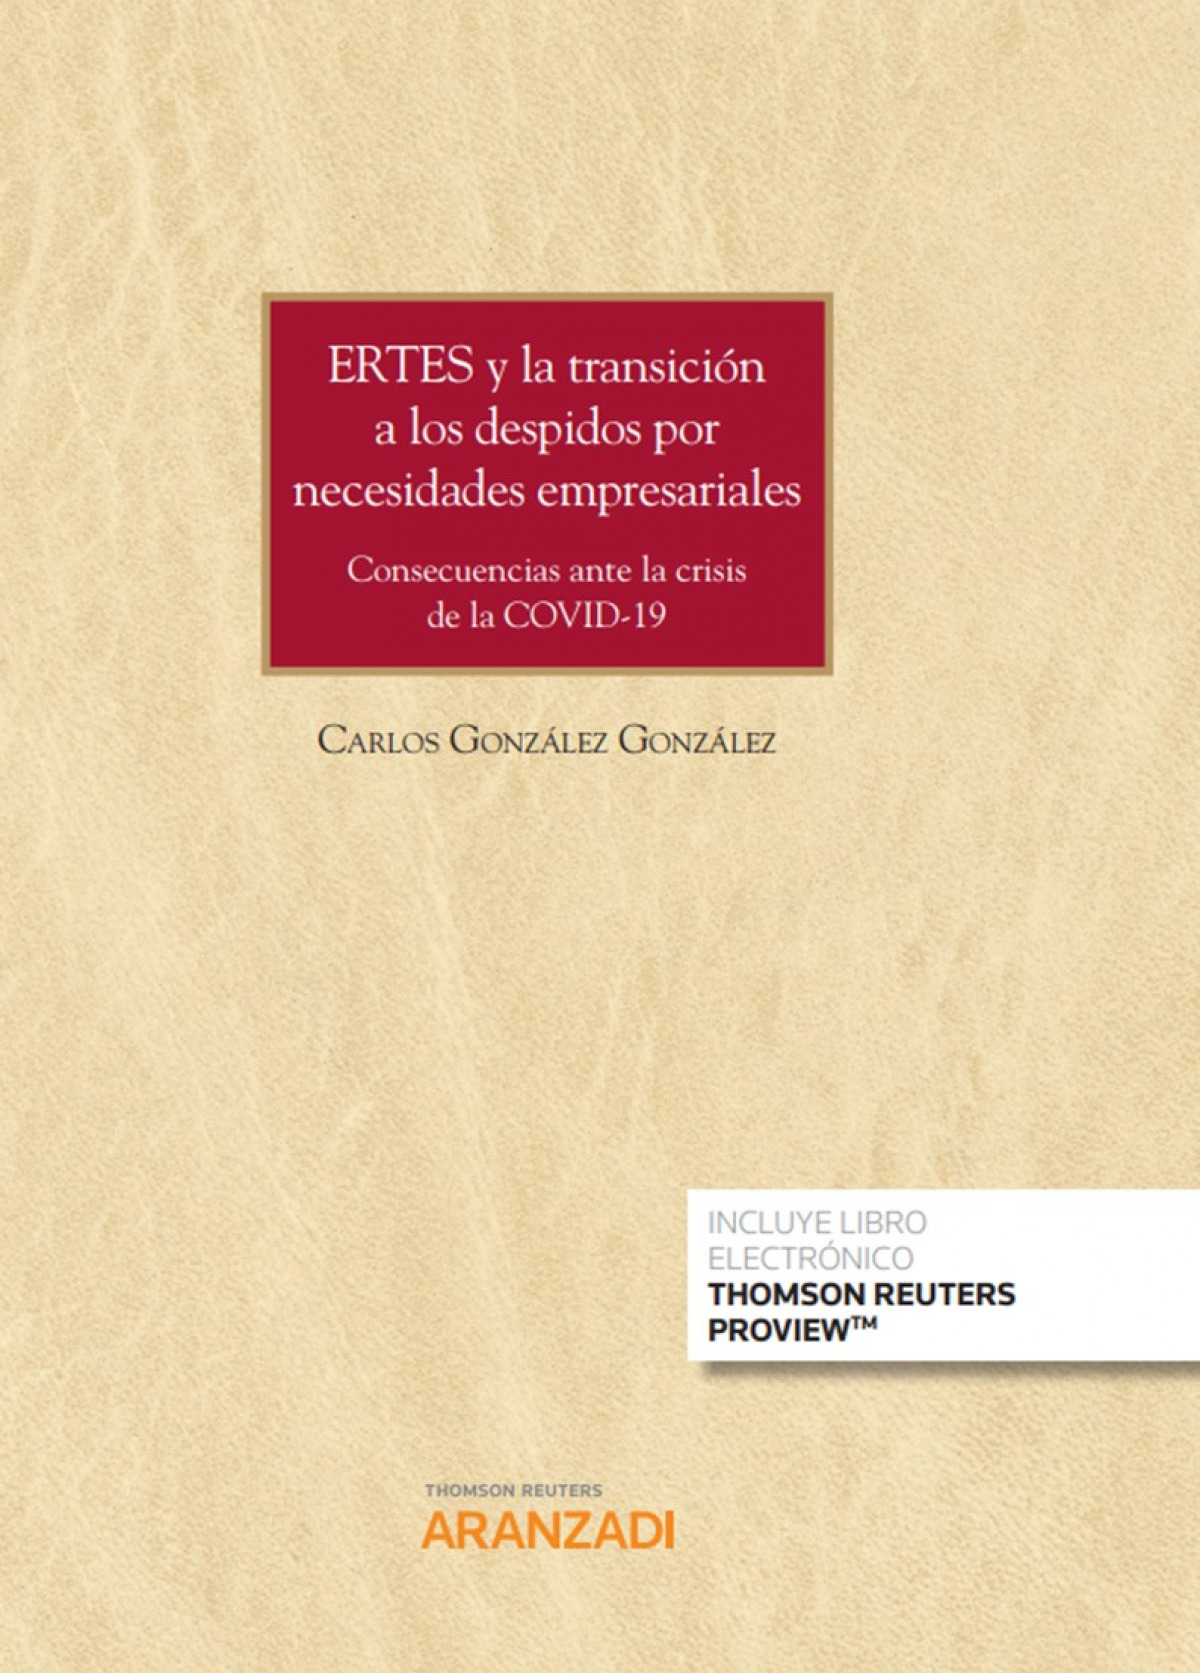 ERTEs y la transición a los despidos por necesidades empresariale 9788413450087